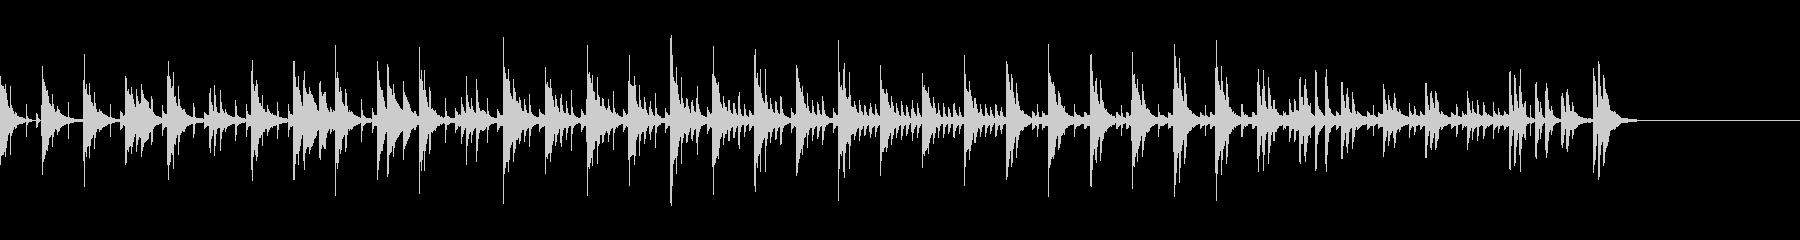 シンキングタイム 木琴の未再生の波形